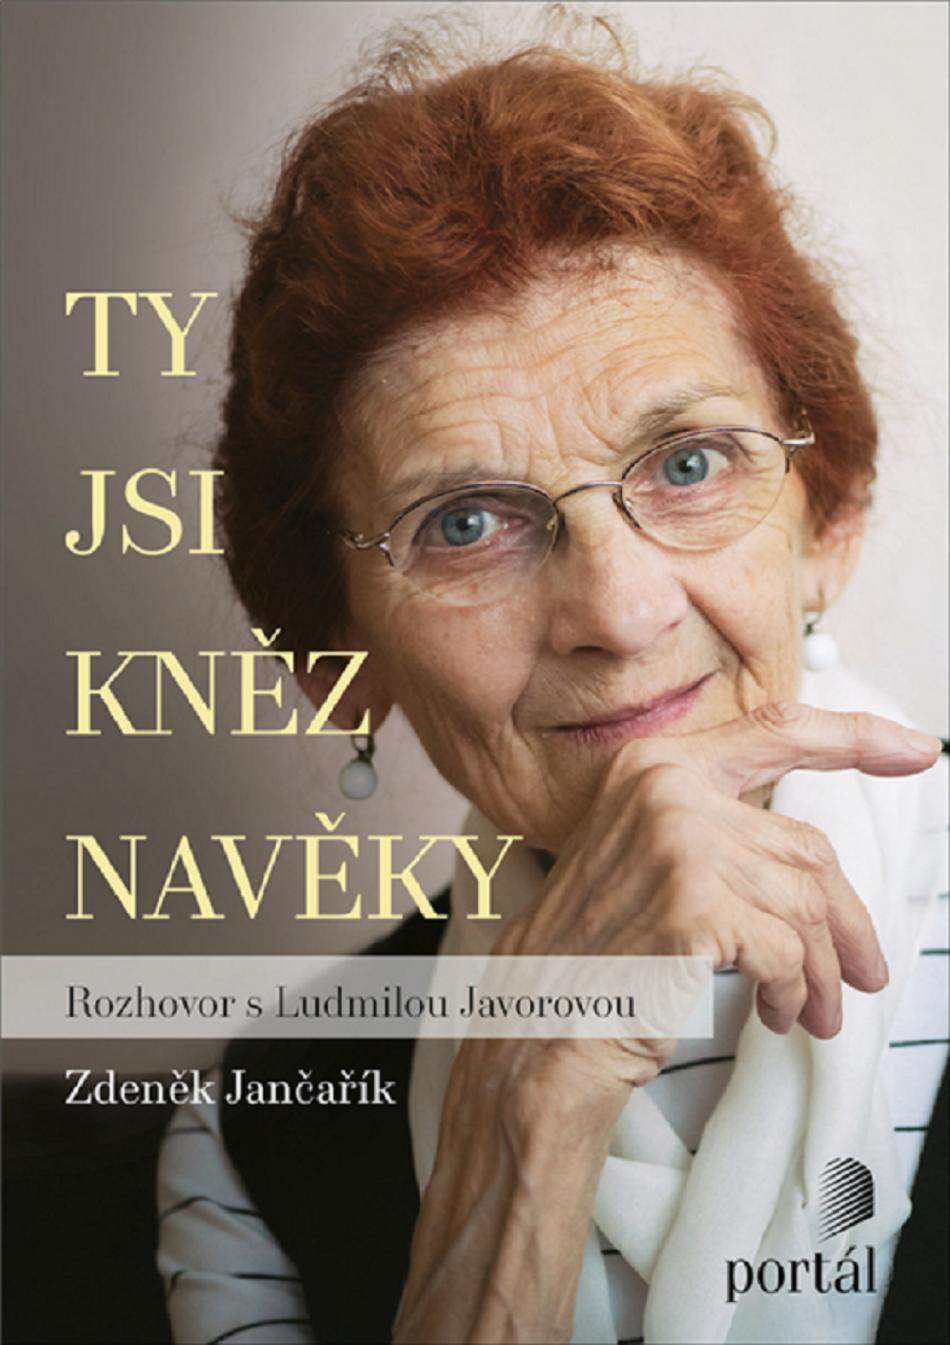 Ludmila Javorová, na obálce knihy Ty jsi kněz na věky